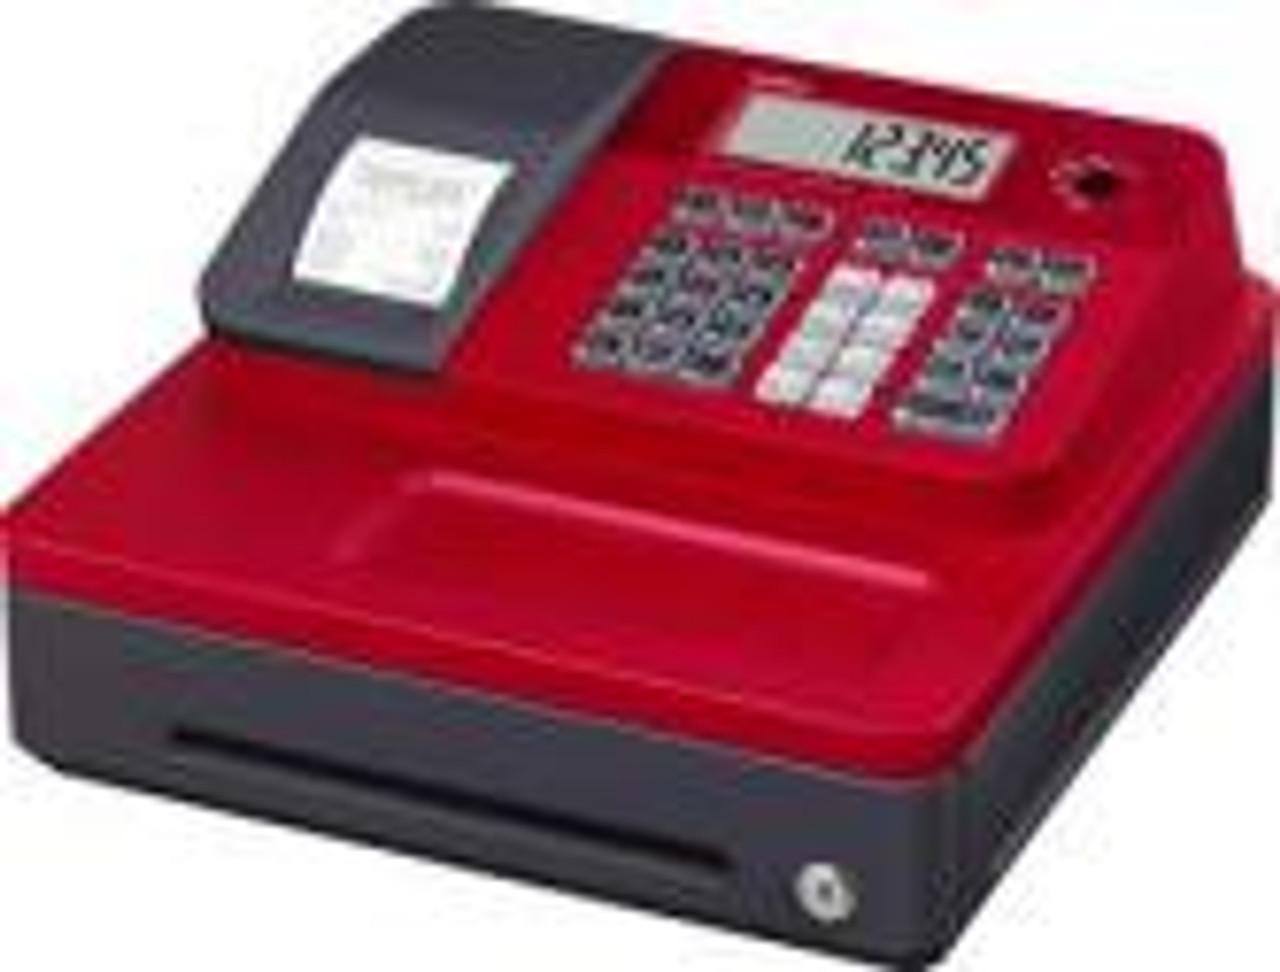 CASIO SE-G1S Cash Register - SE-G1S ECR Red